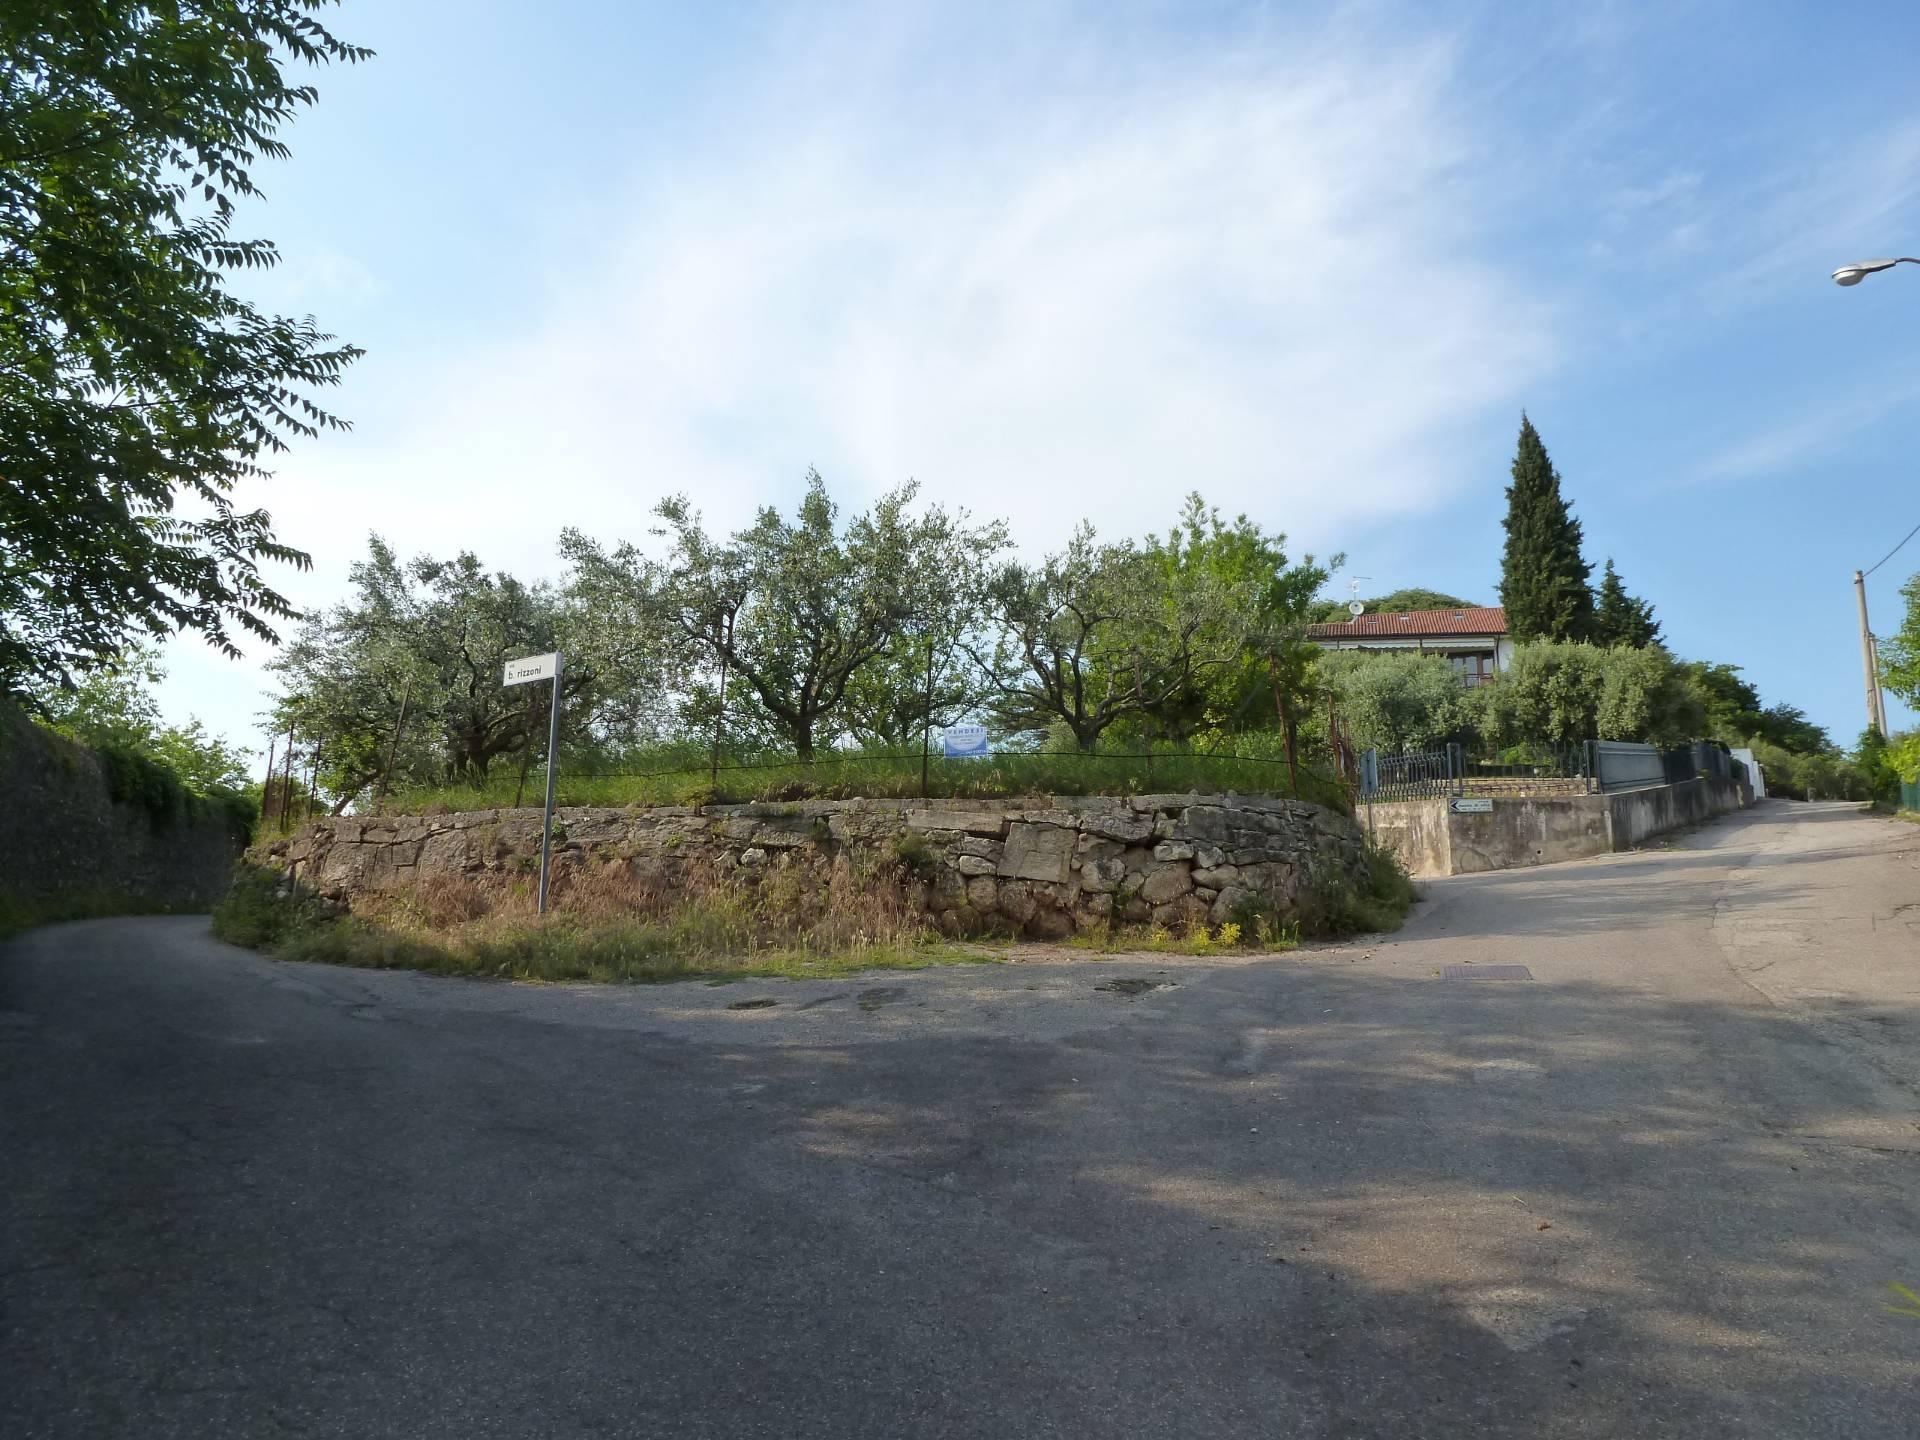 Terreno commerciale in Vendita a Verona Semicentro Nord: 5000 mq